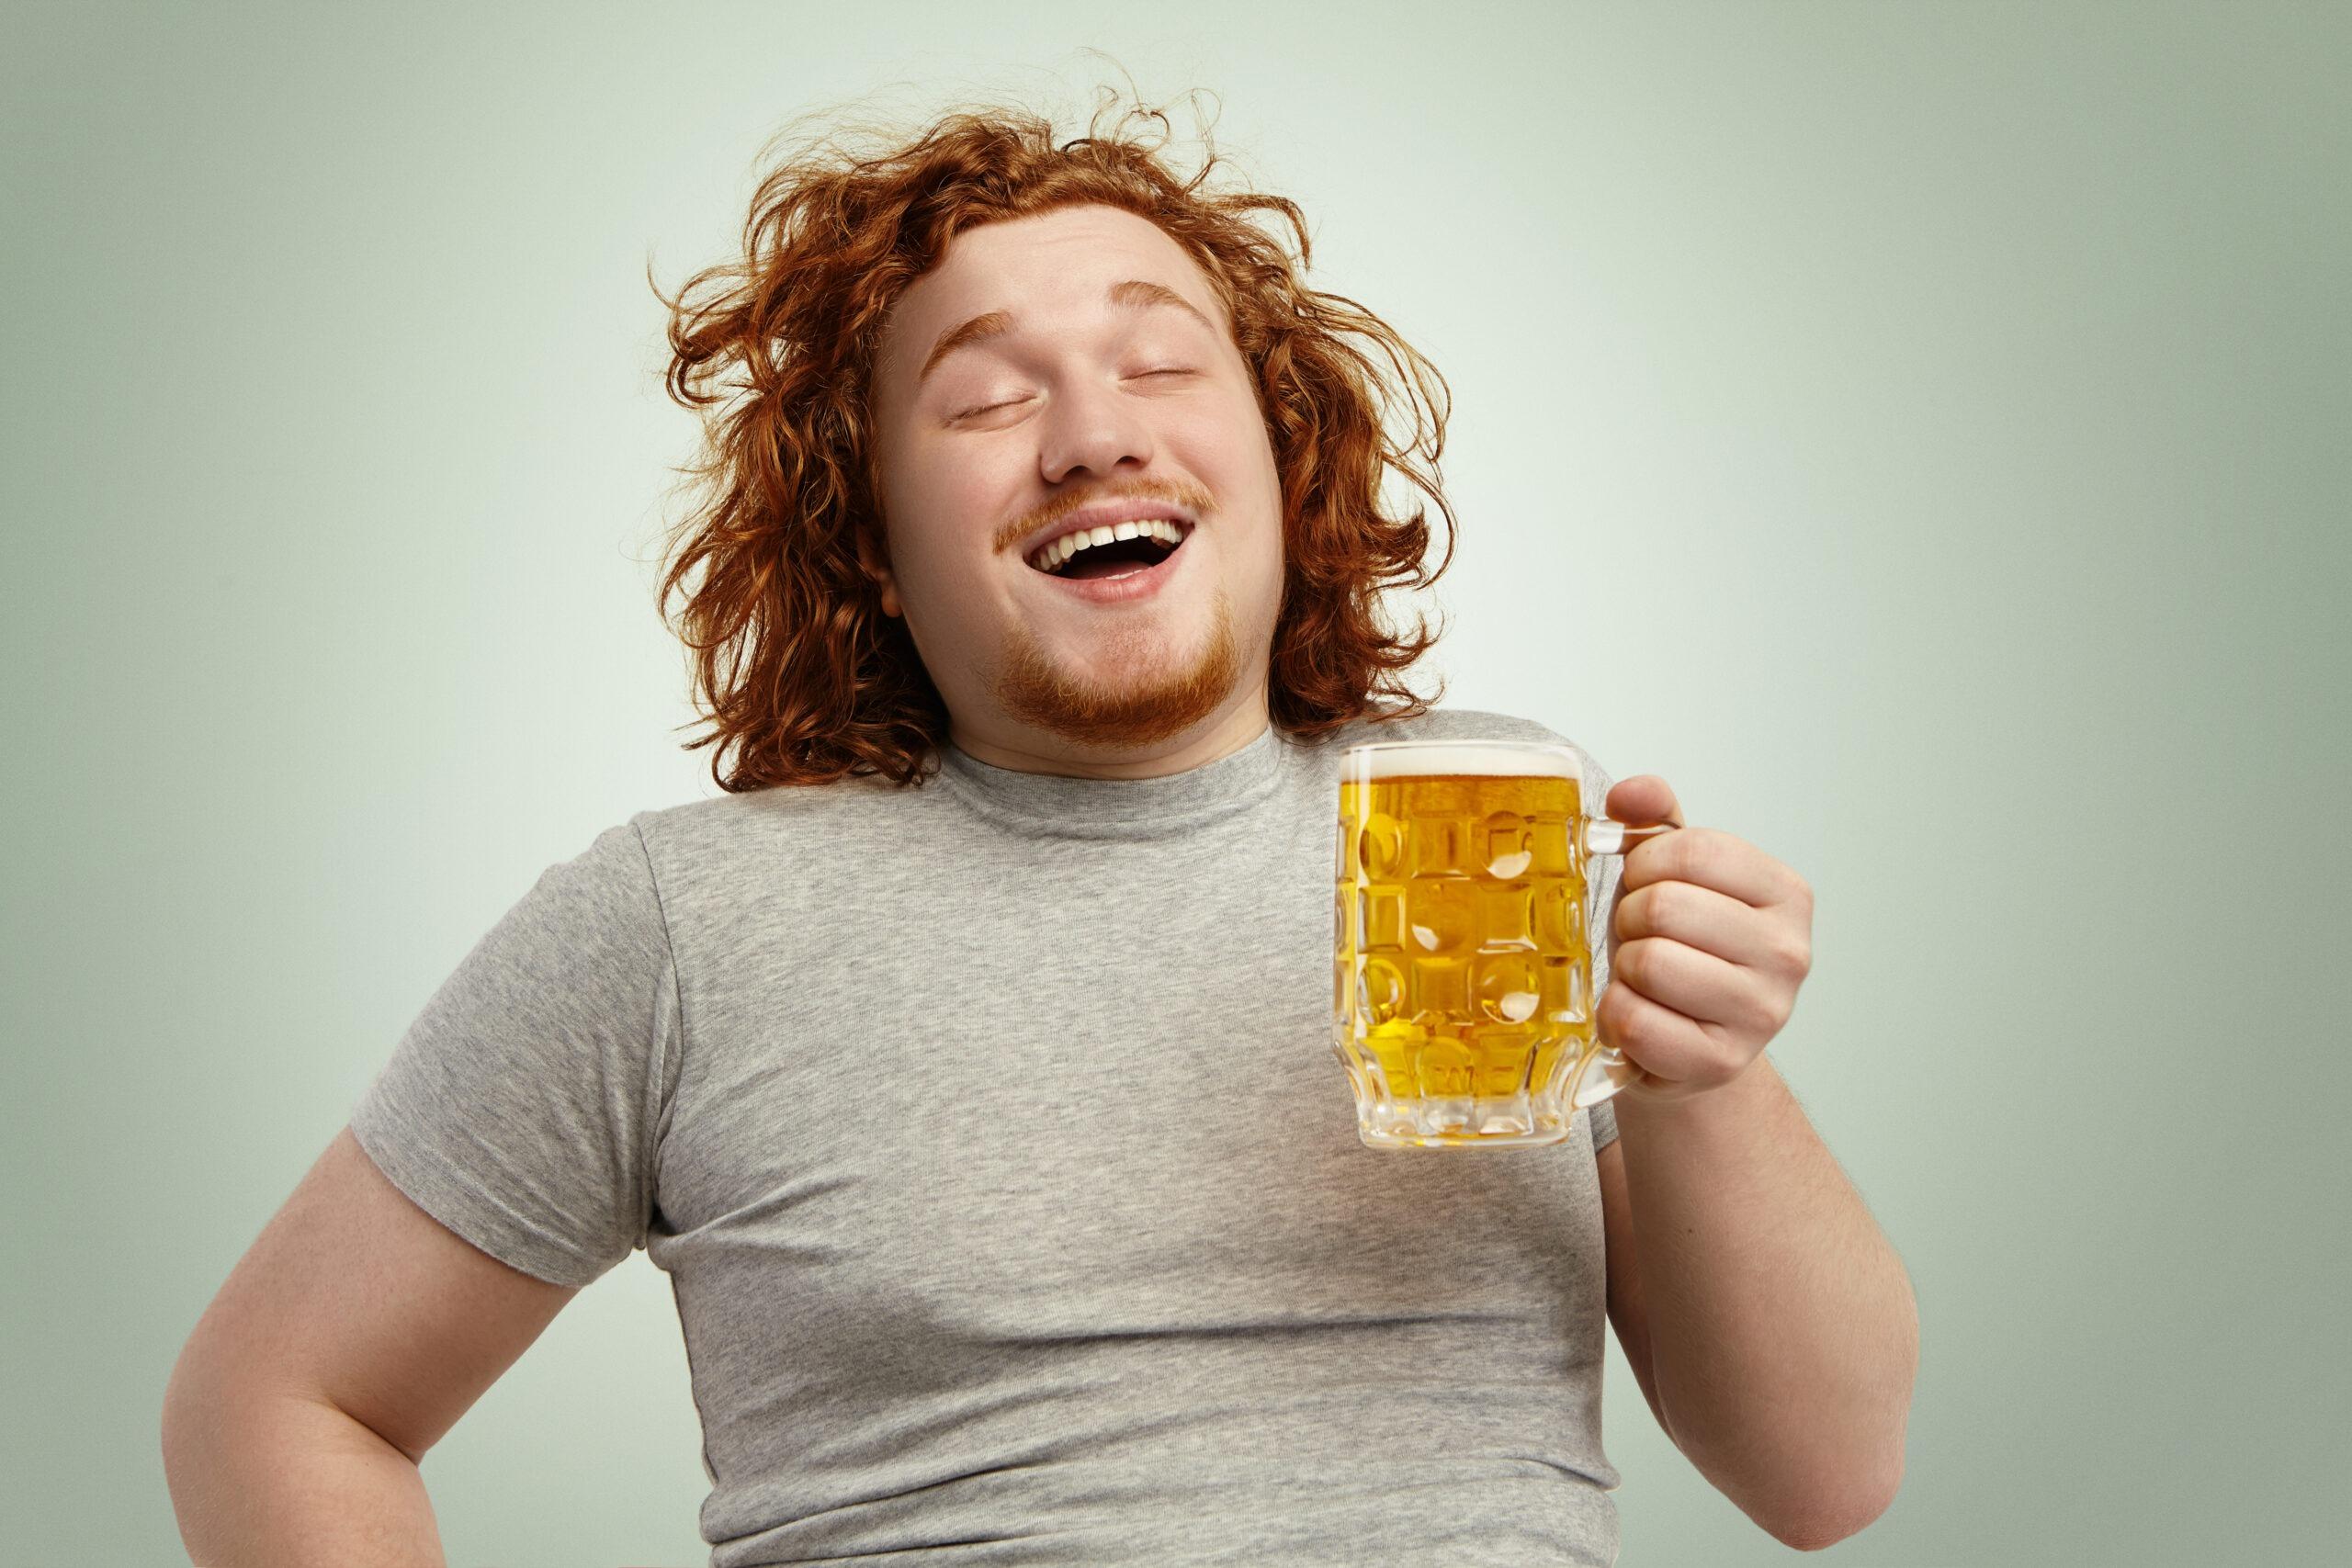 Imagem de um homem ruivo feliz por aprender como gelar cerveja rápido